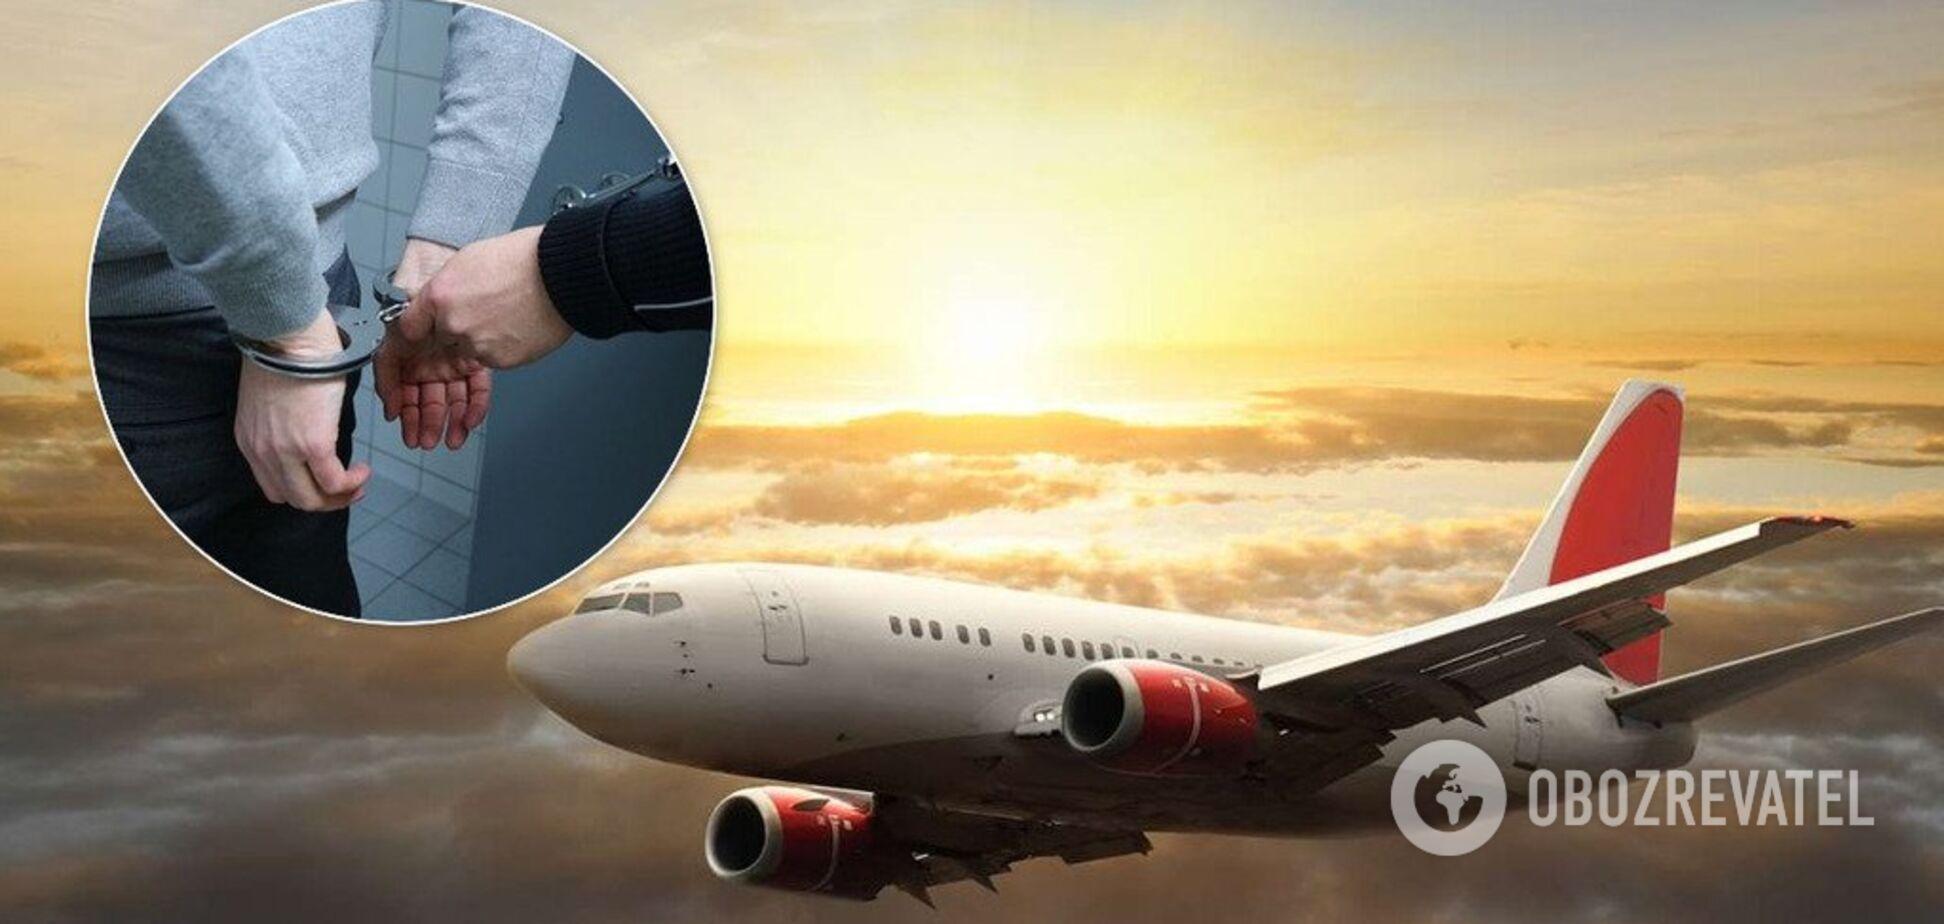 В аэропорту 'Борисполь' поймали организатора схемы с иностранными самолетами